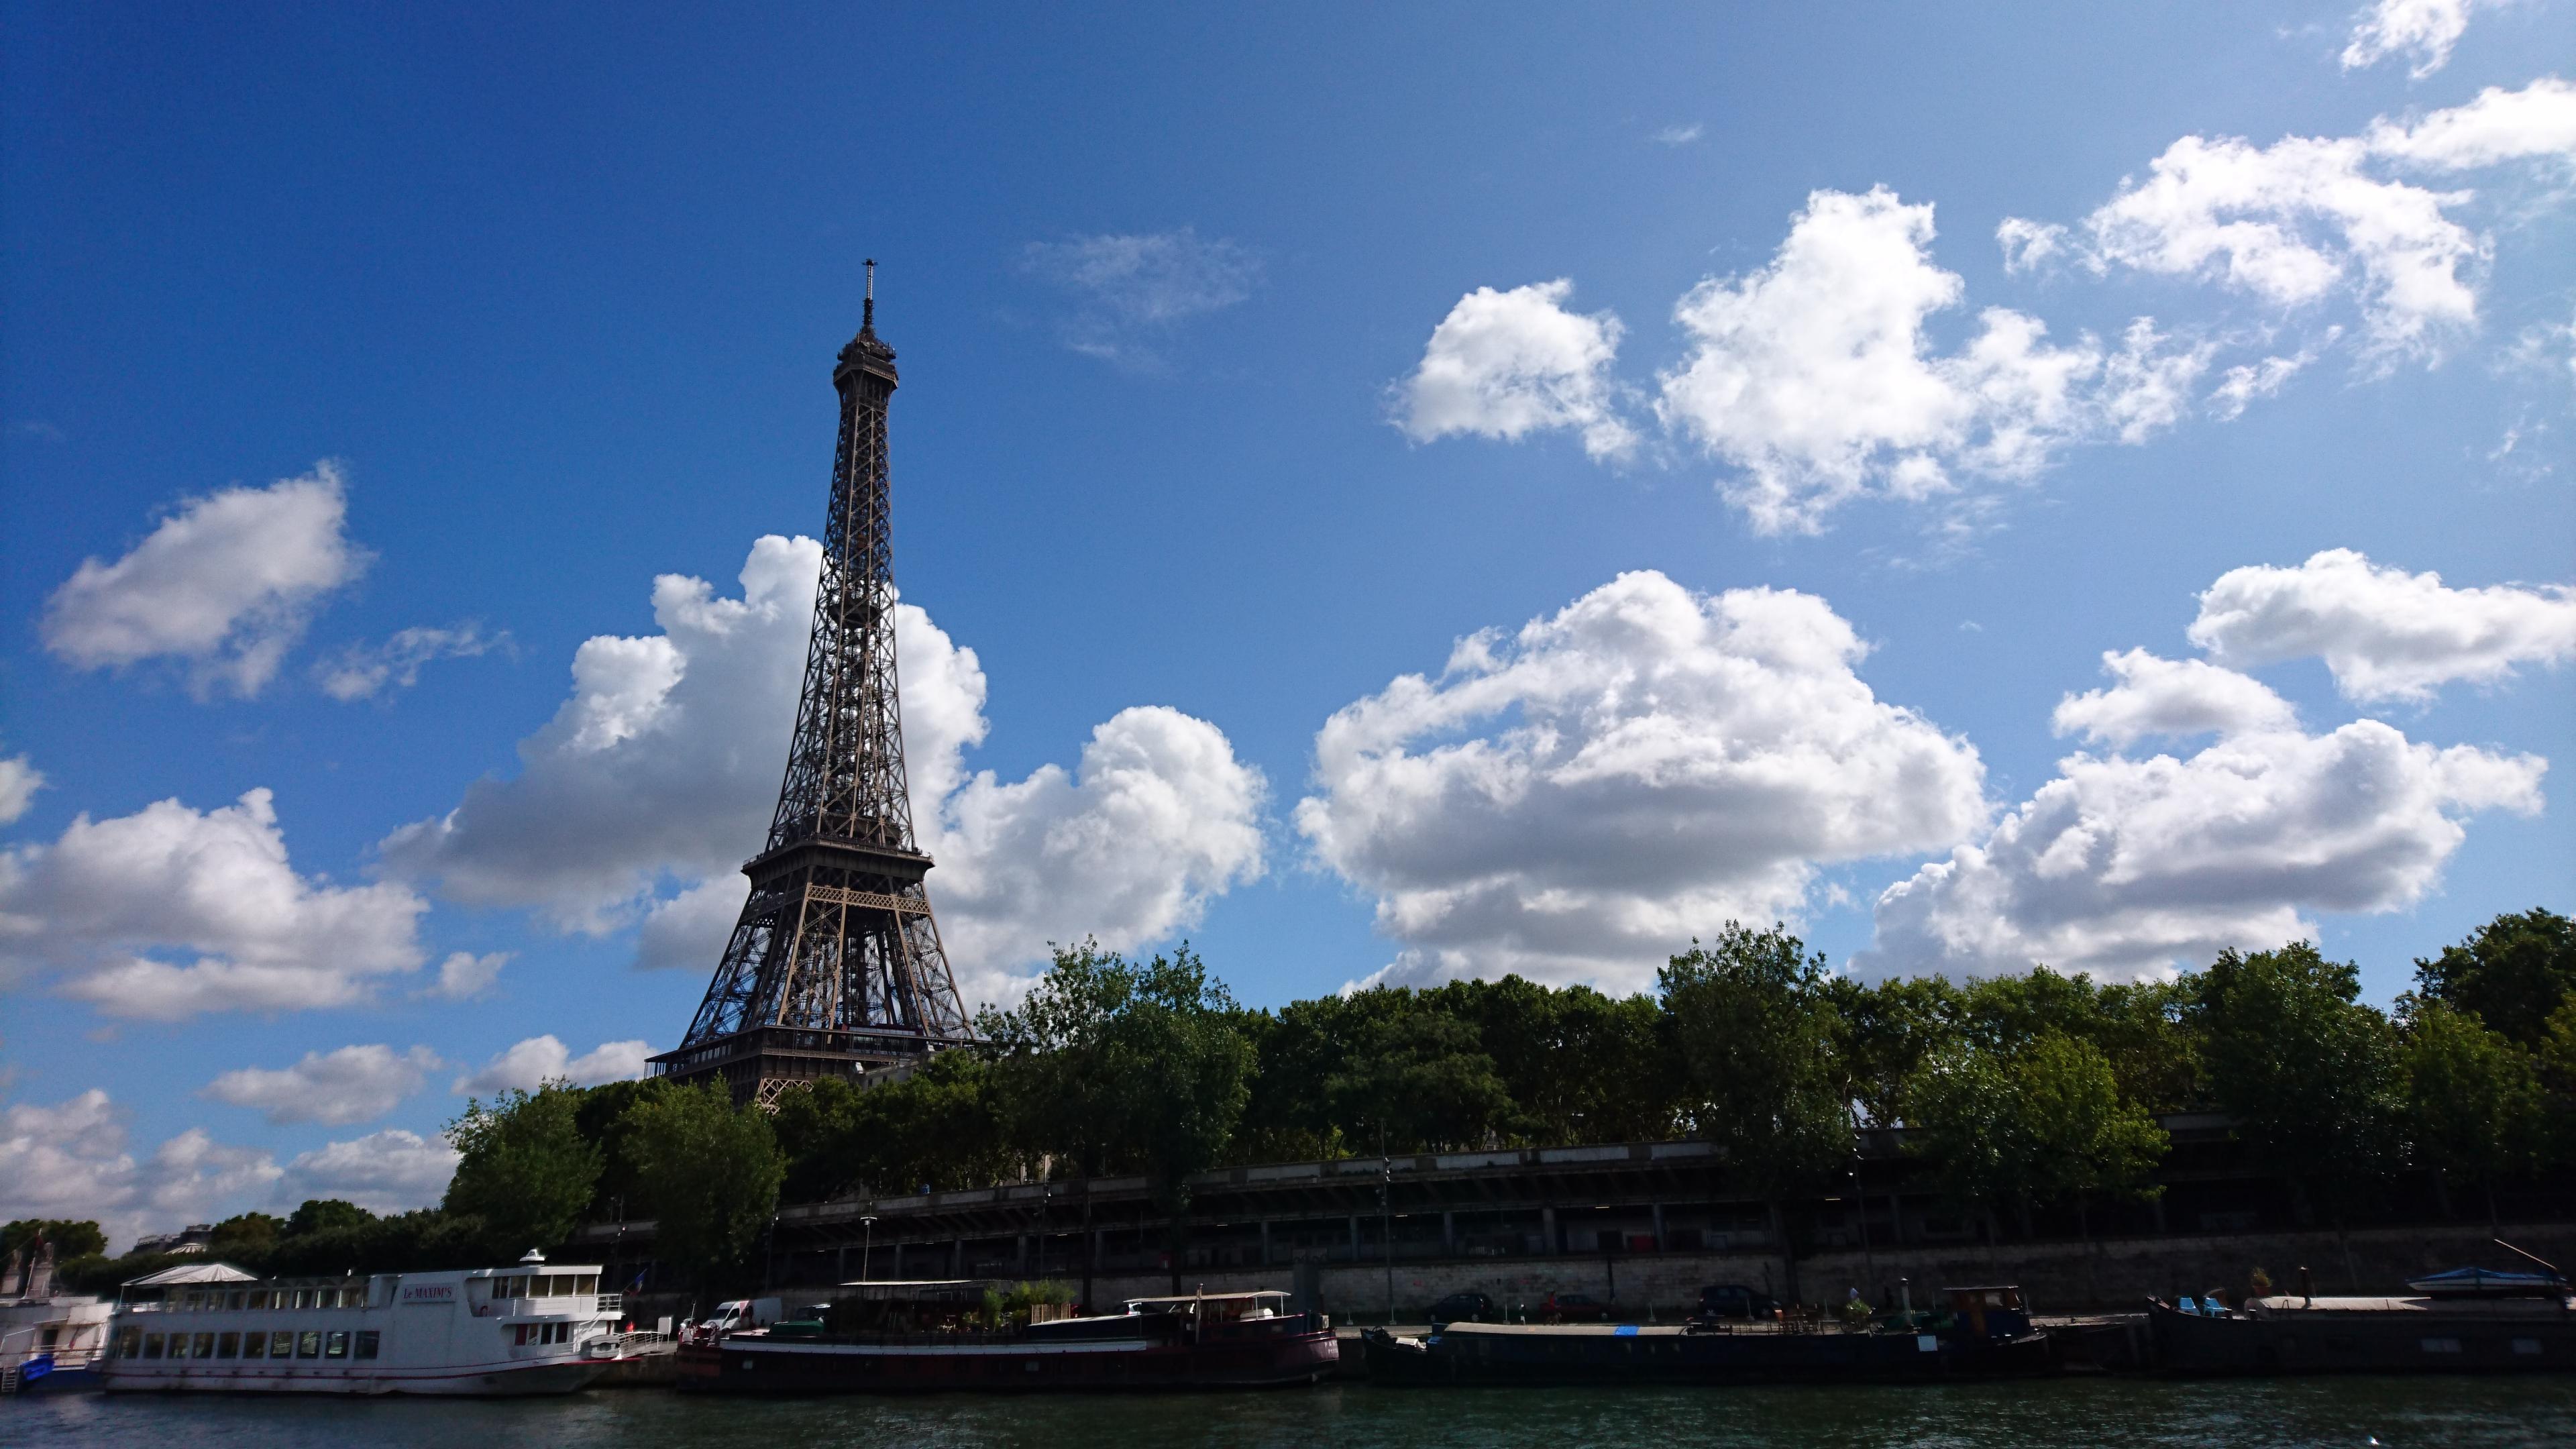 パリ生活の便利な面、不便な面。パリに住んで14年の私の感想